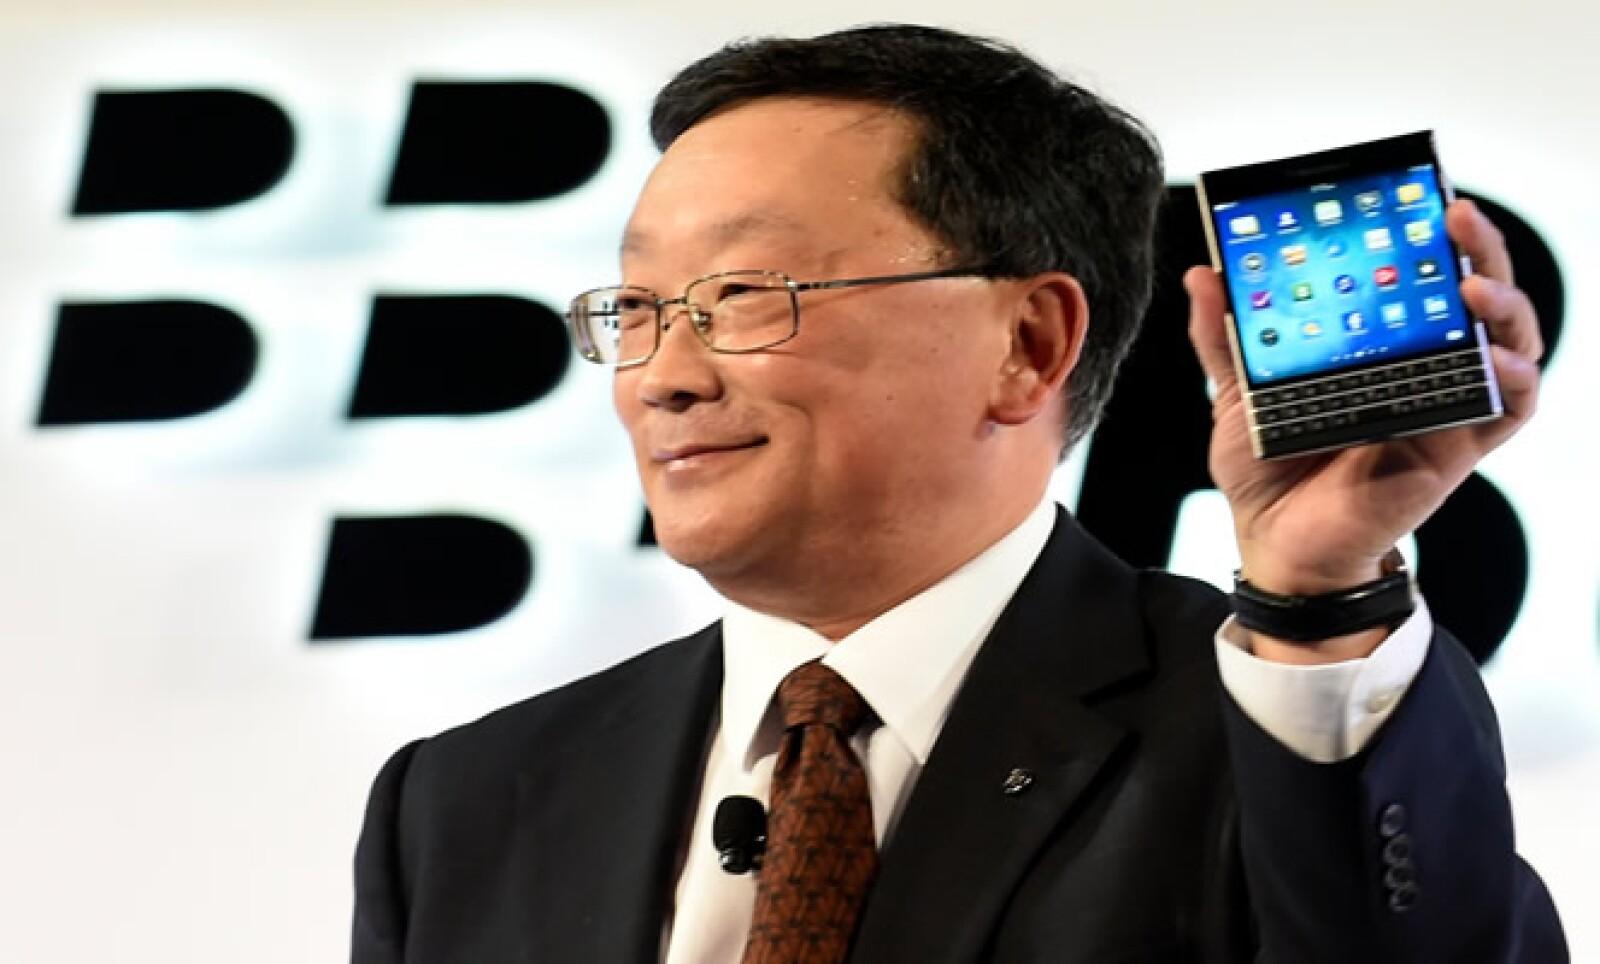 El dispositivo saldrá a la venta en algunos mercados el miércoles, con un precio de lanzamiento sugerido en minoristas de 699 dólares canadienses (629 dólares estadounidenses) en Canadá y 599 dólares en Estados Unidos.